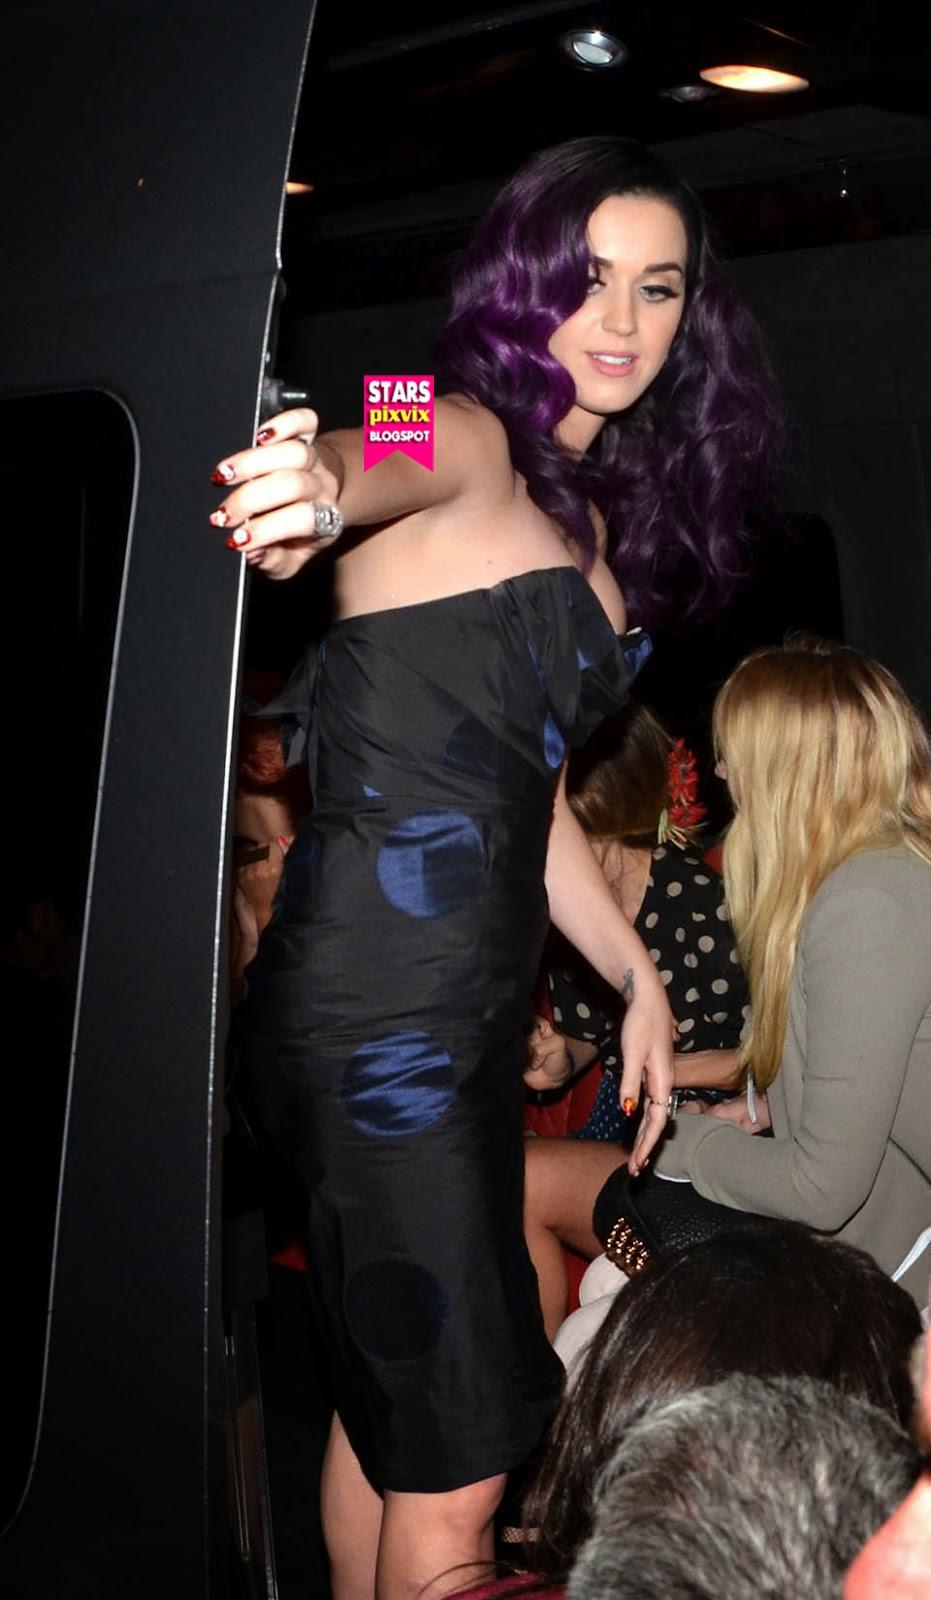 Katy perry wardrobe fail something also